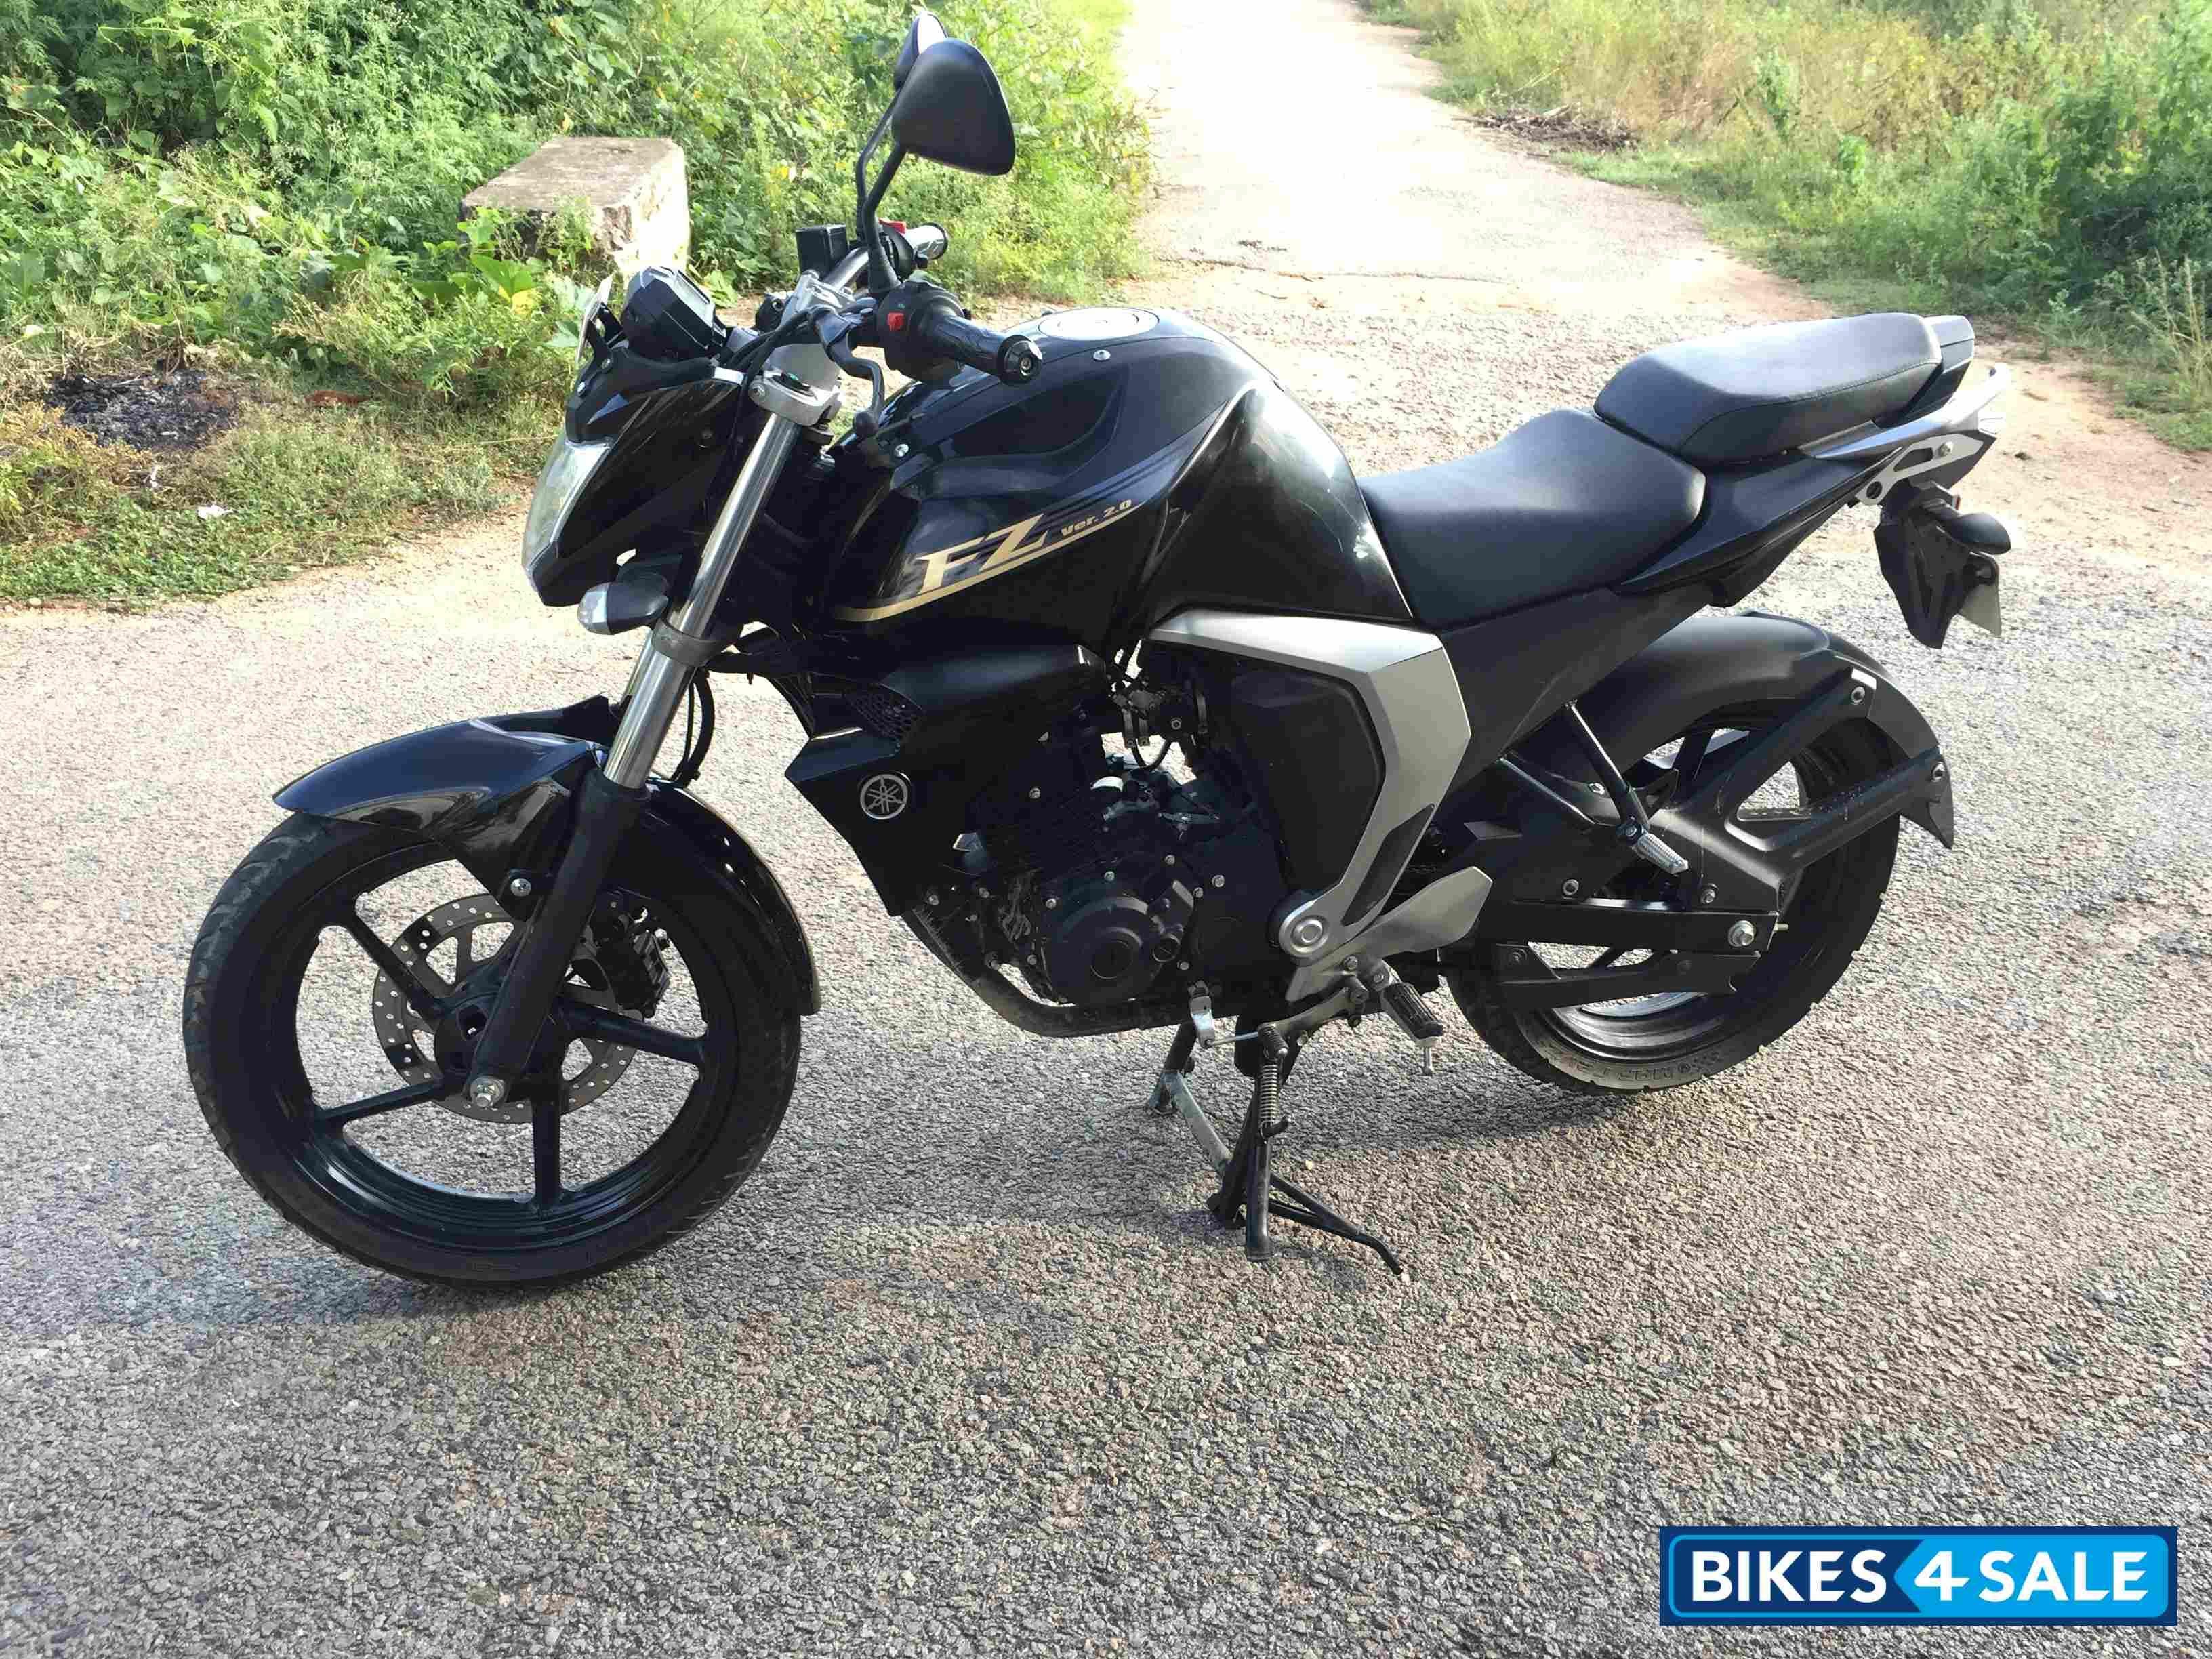 Black Yamaha Fz Fi V2 Autos Motos